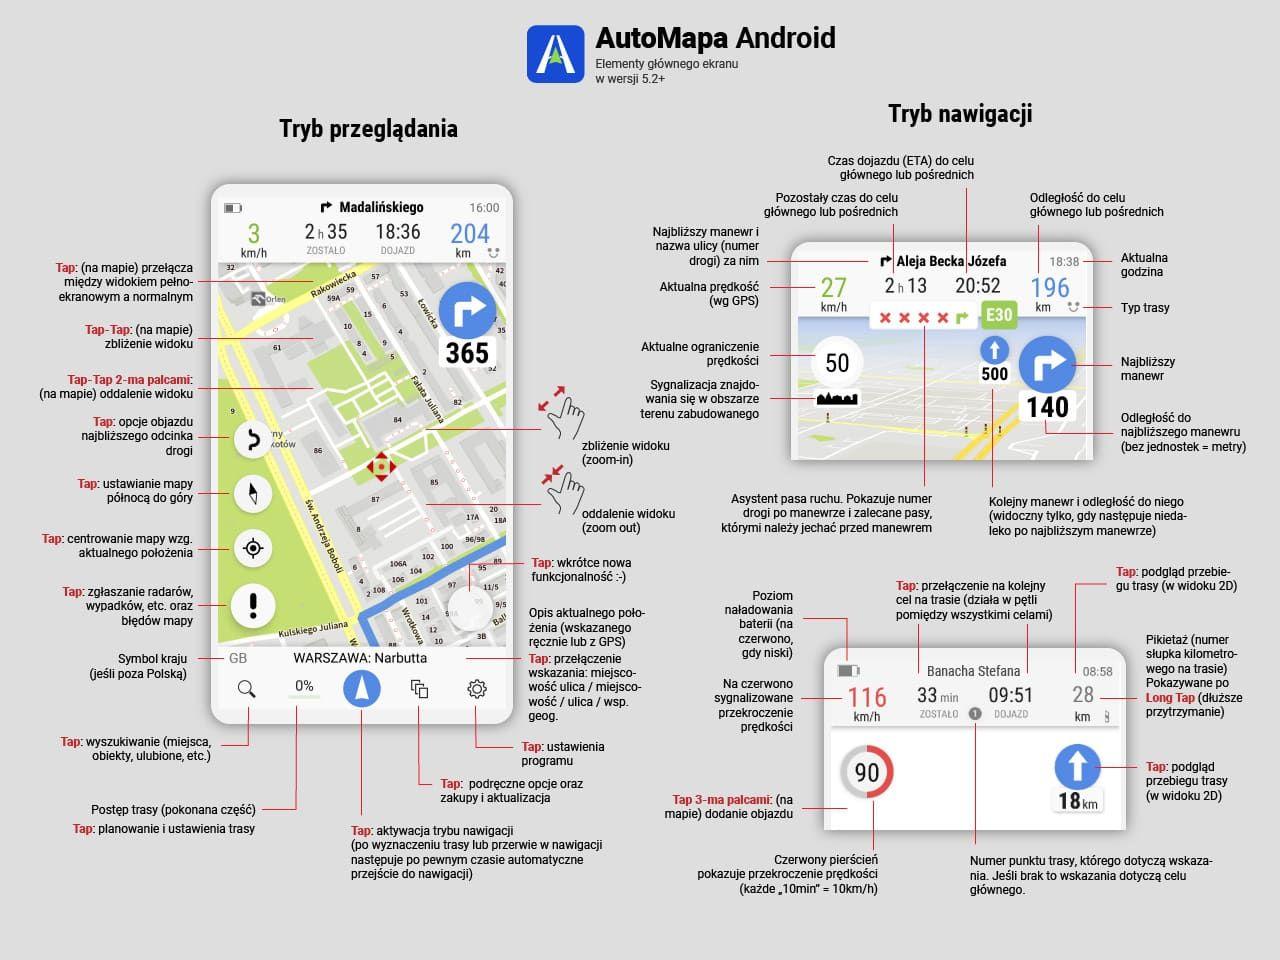 Automapa Android 5 4 3 Nowa Wersja Automapy Wiele Nowosci